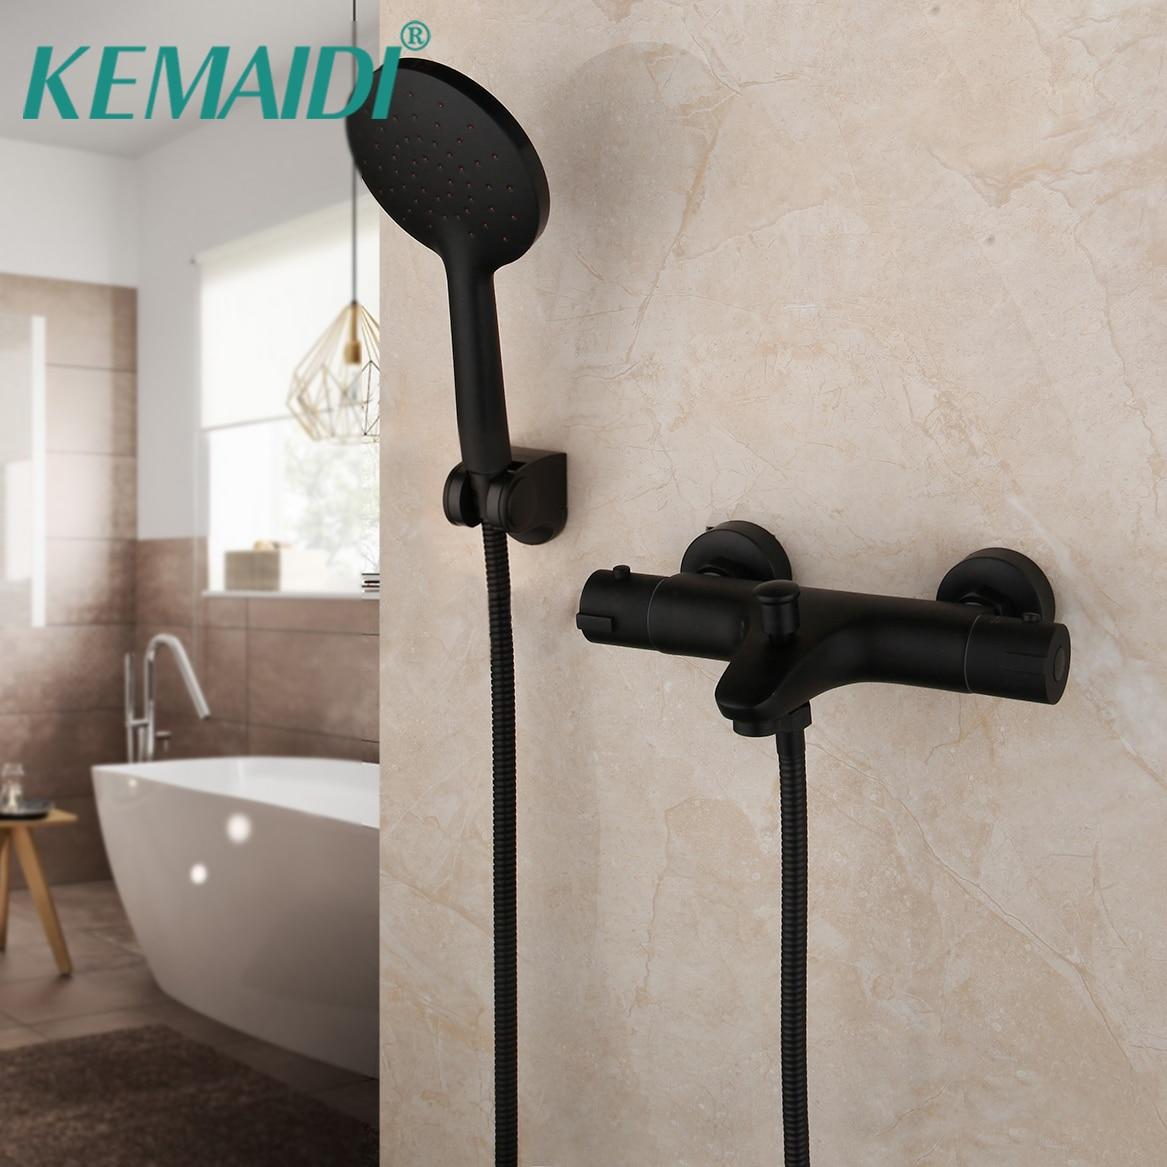 KEMAIDI mezclador termostático grifo temperatura constante ducha grifo mezclador negro mate bañera grifos de ducha de baño conjunto